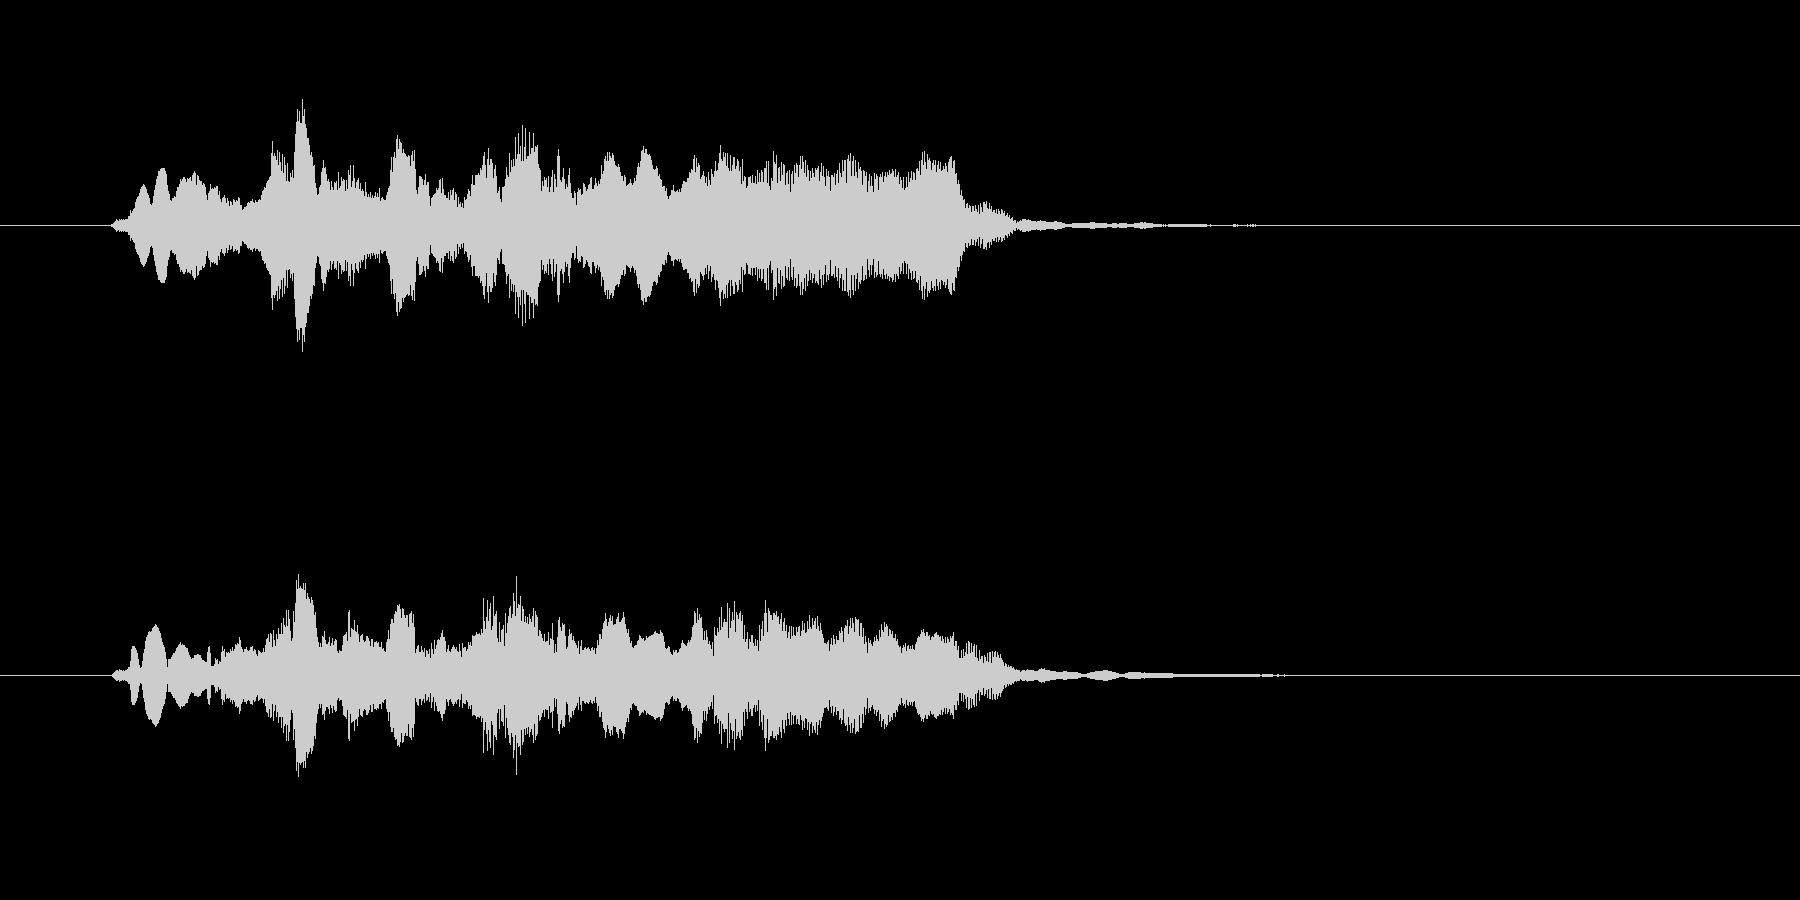 フルートとエレピの美しいジングルの未再生の波形